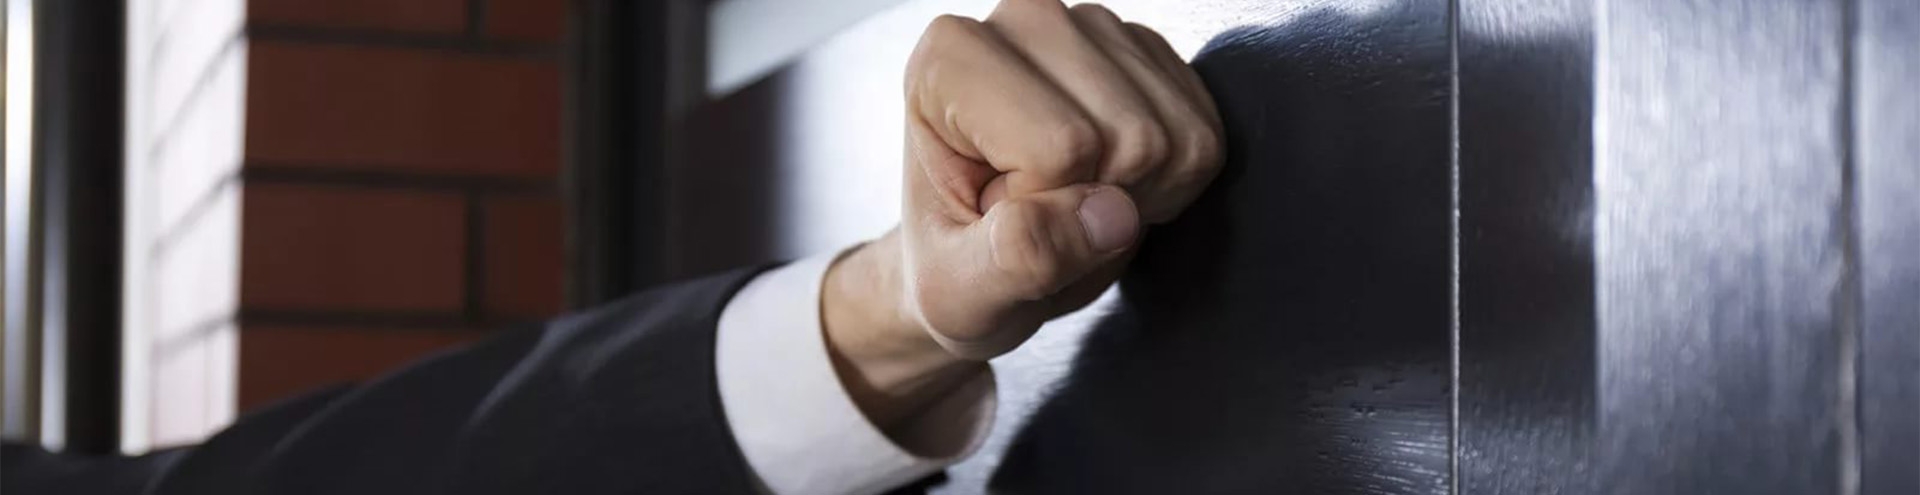 защита заемщика от коллекторов в Саратове и Саратовской области